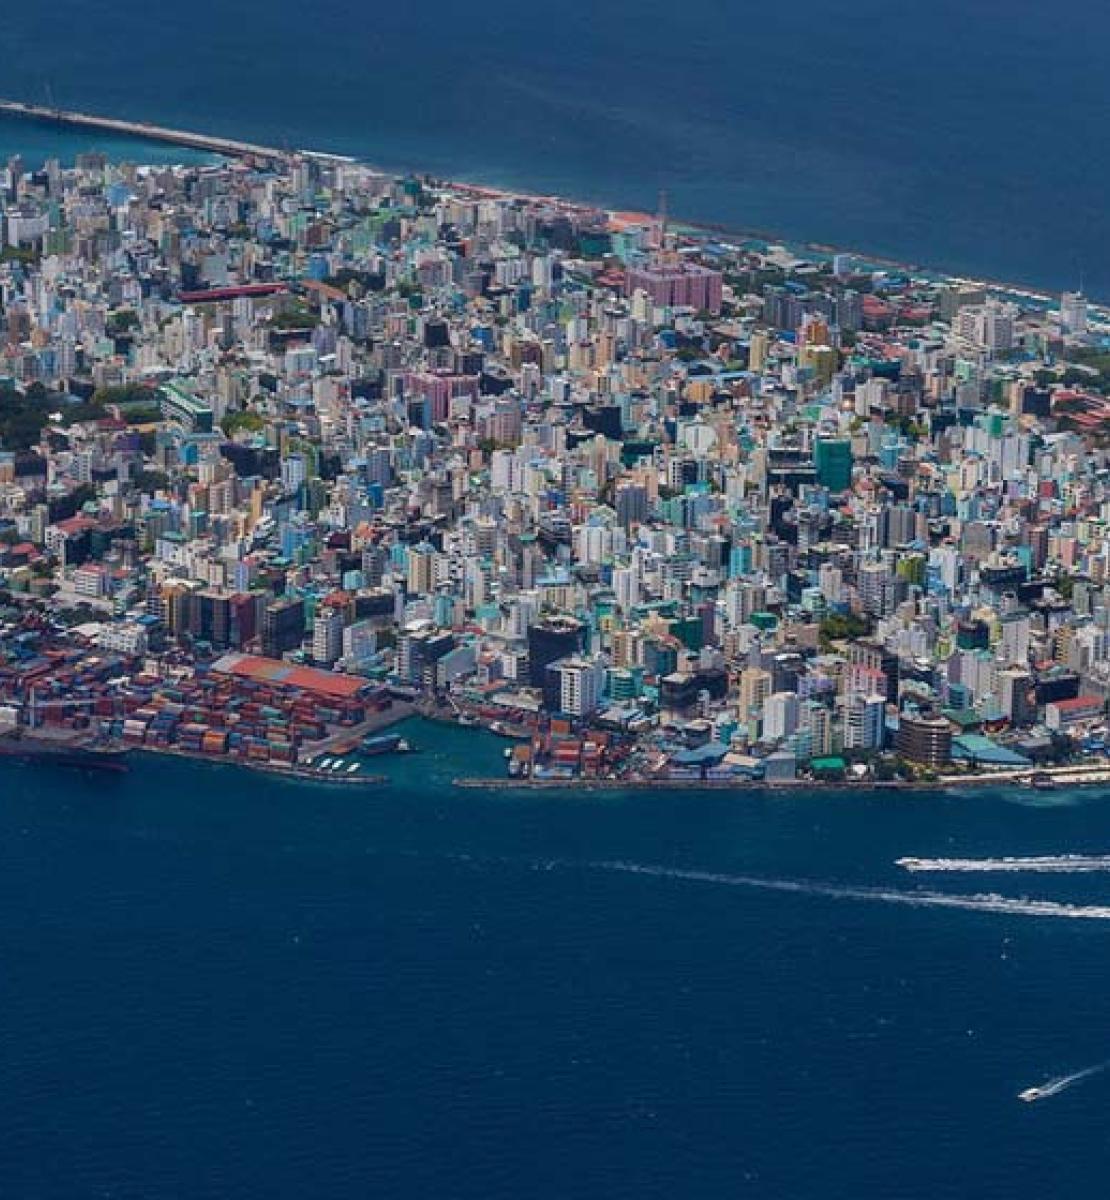 منظر جوي لماليه، عاصمة جزر المالديف.